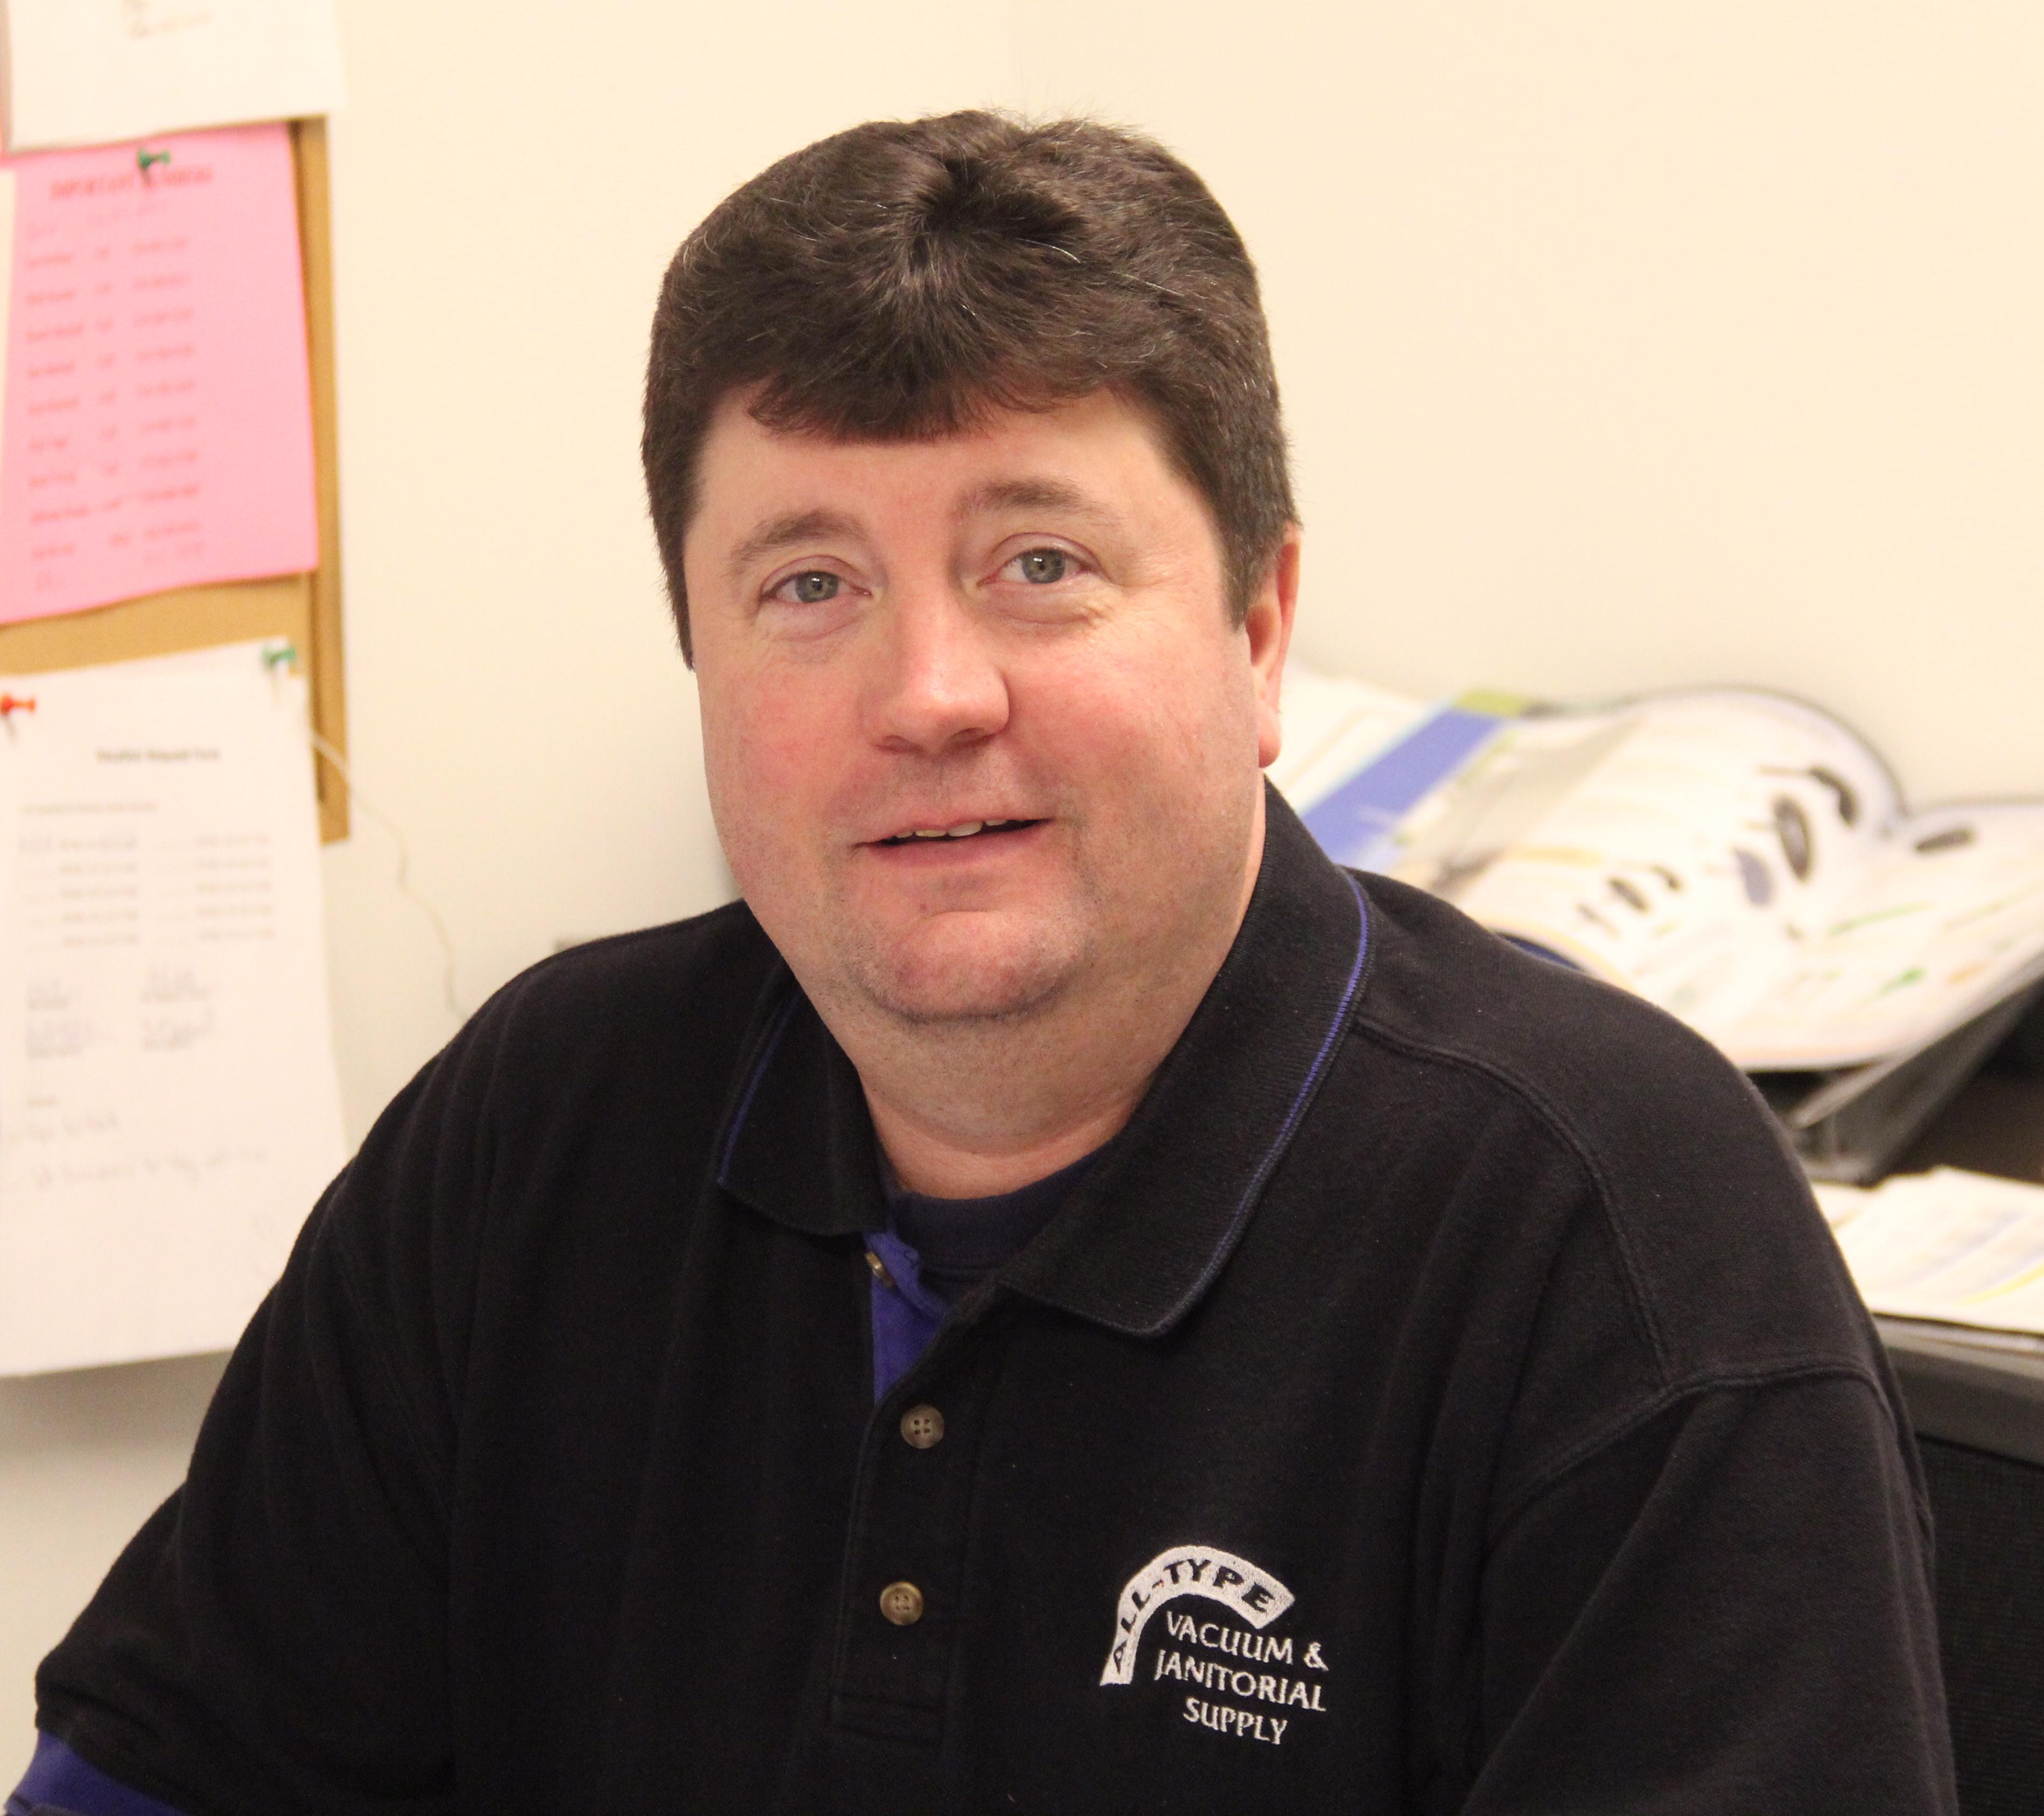 Mike Belcher